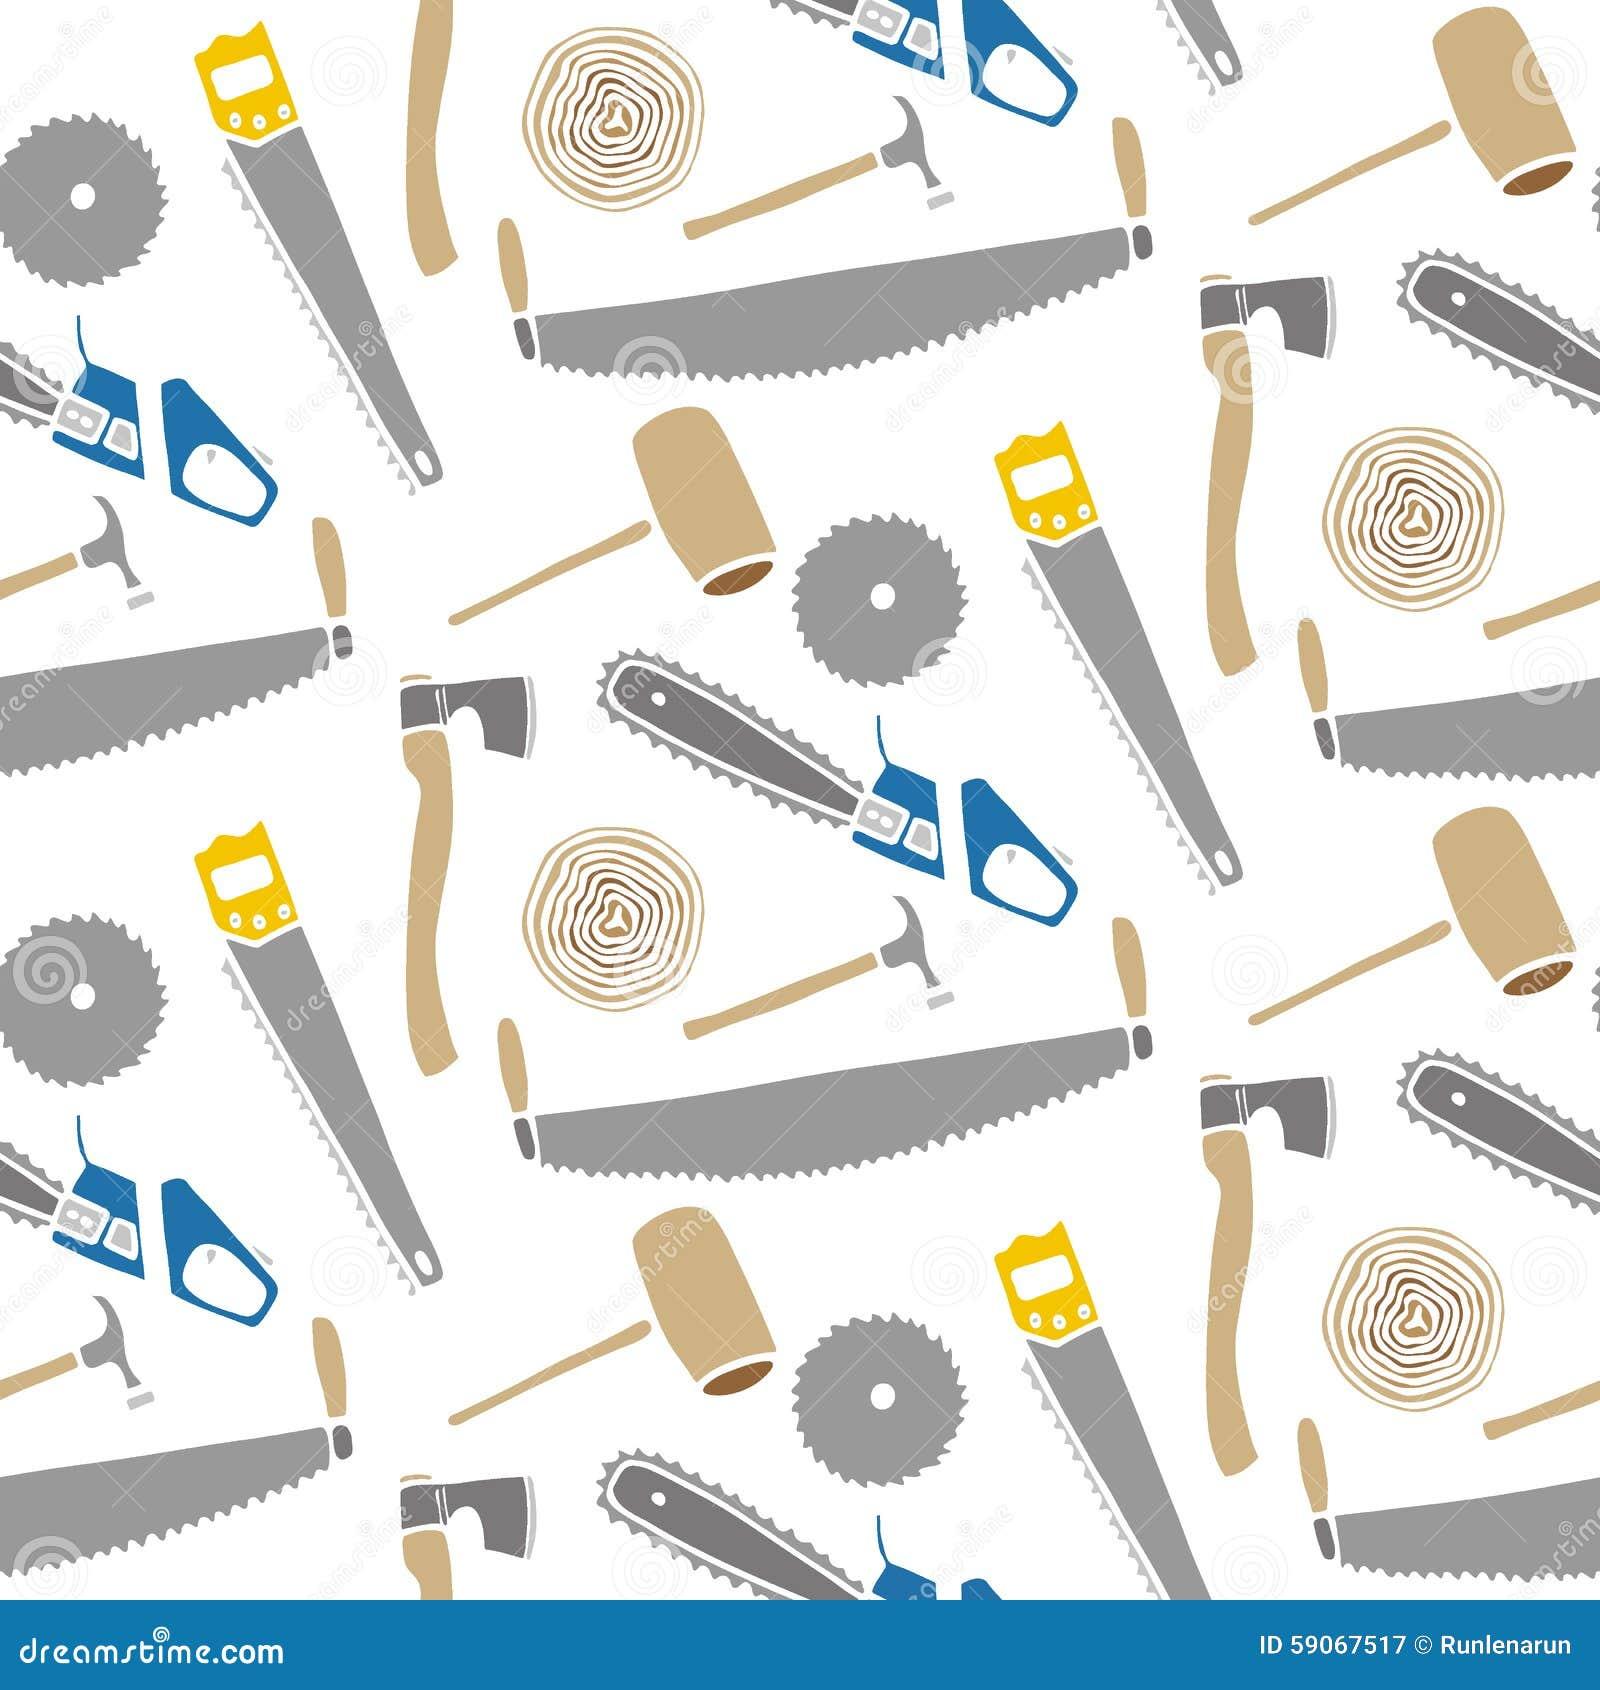 sägen und hämmer - holz und werkzeuge von hand gezeichnetes